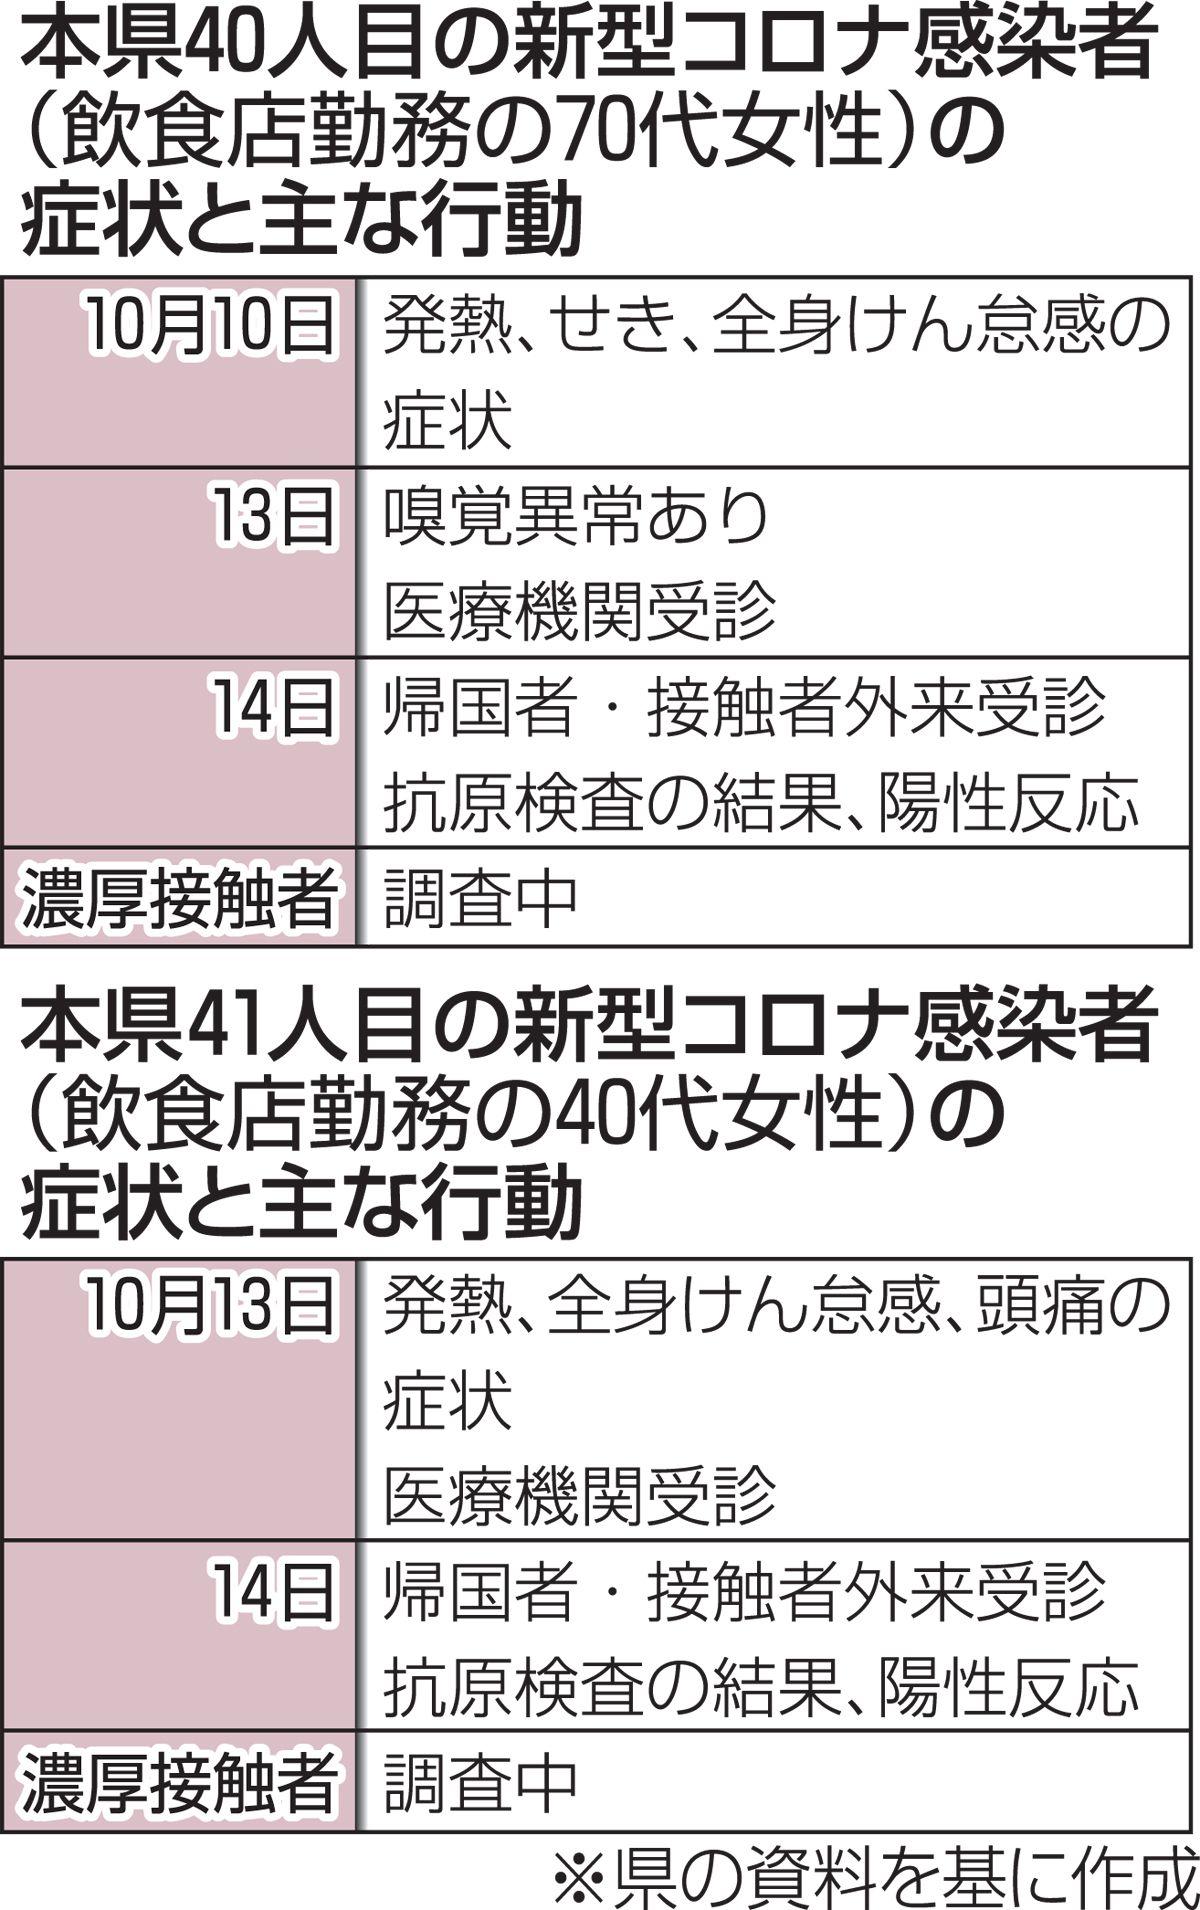 市 コロナ 感染 弘前 弘前保健所管内での新型コロナウイルス感染者確認について